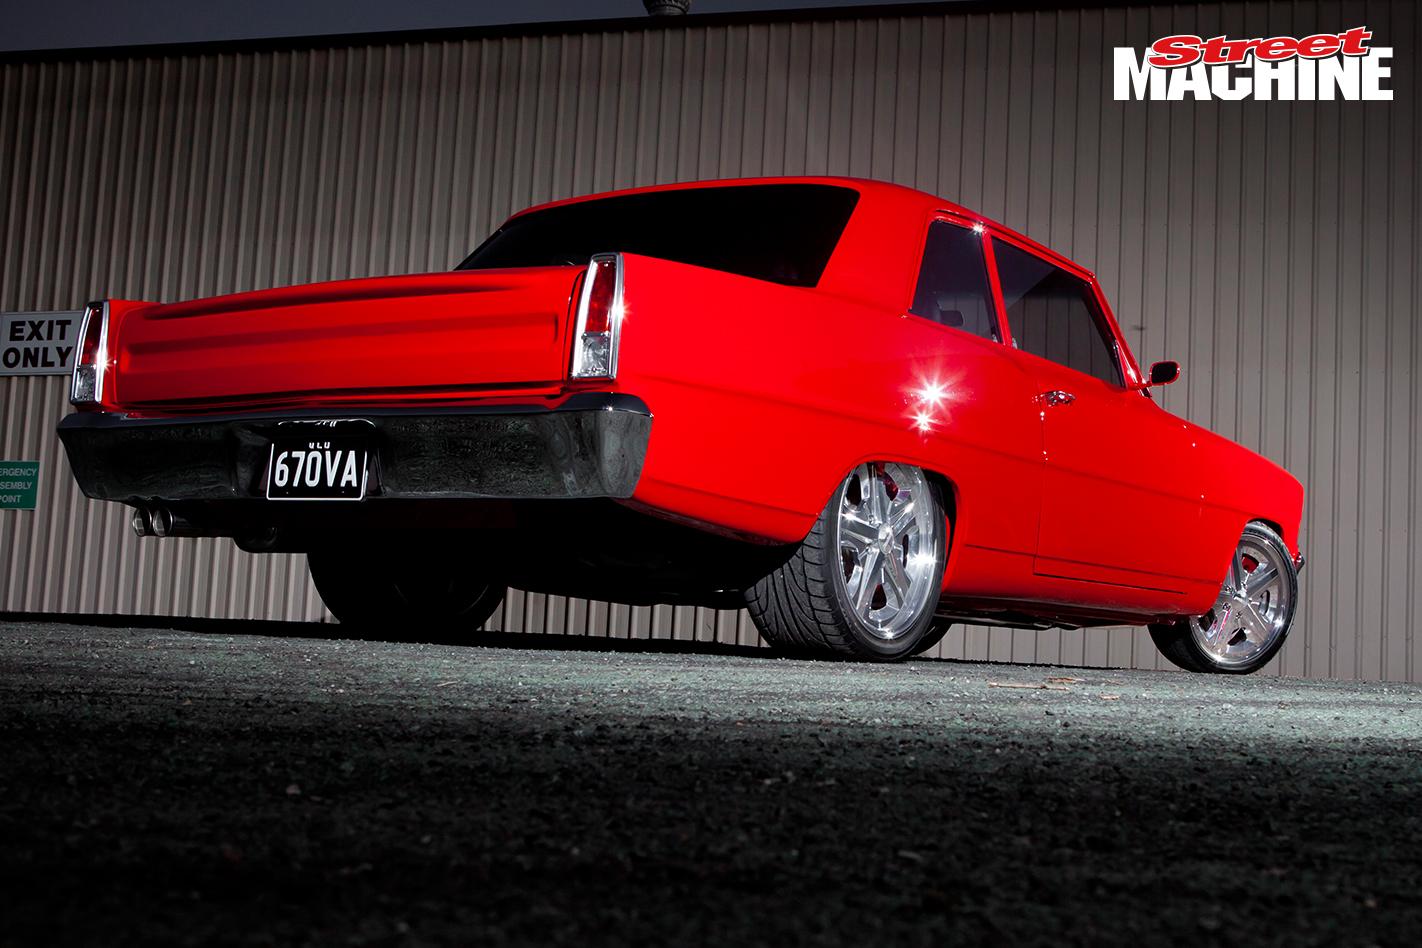 67 Chevy Nova Pro Tourring 14 Nw